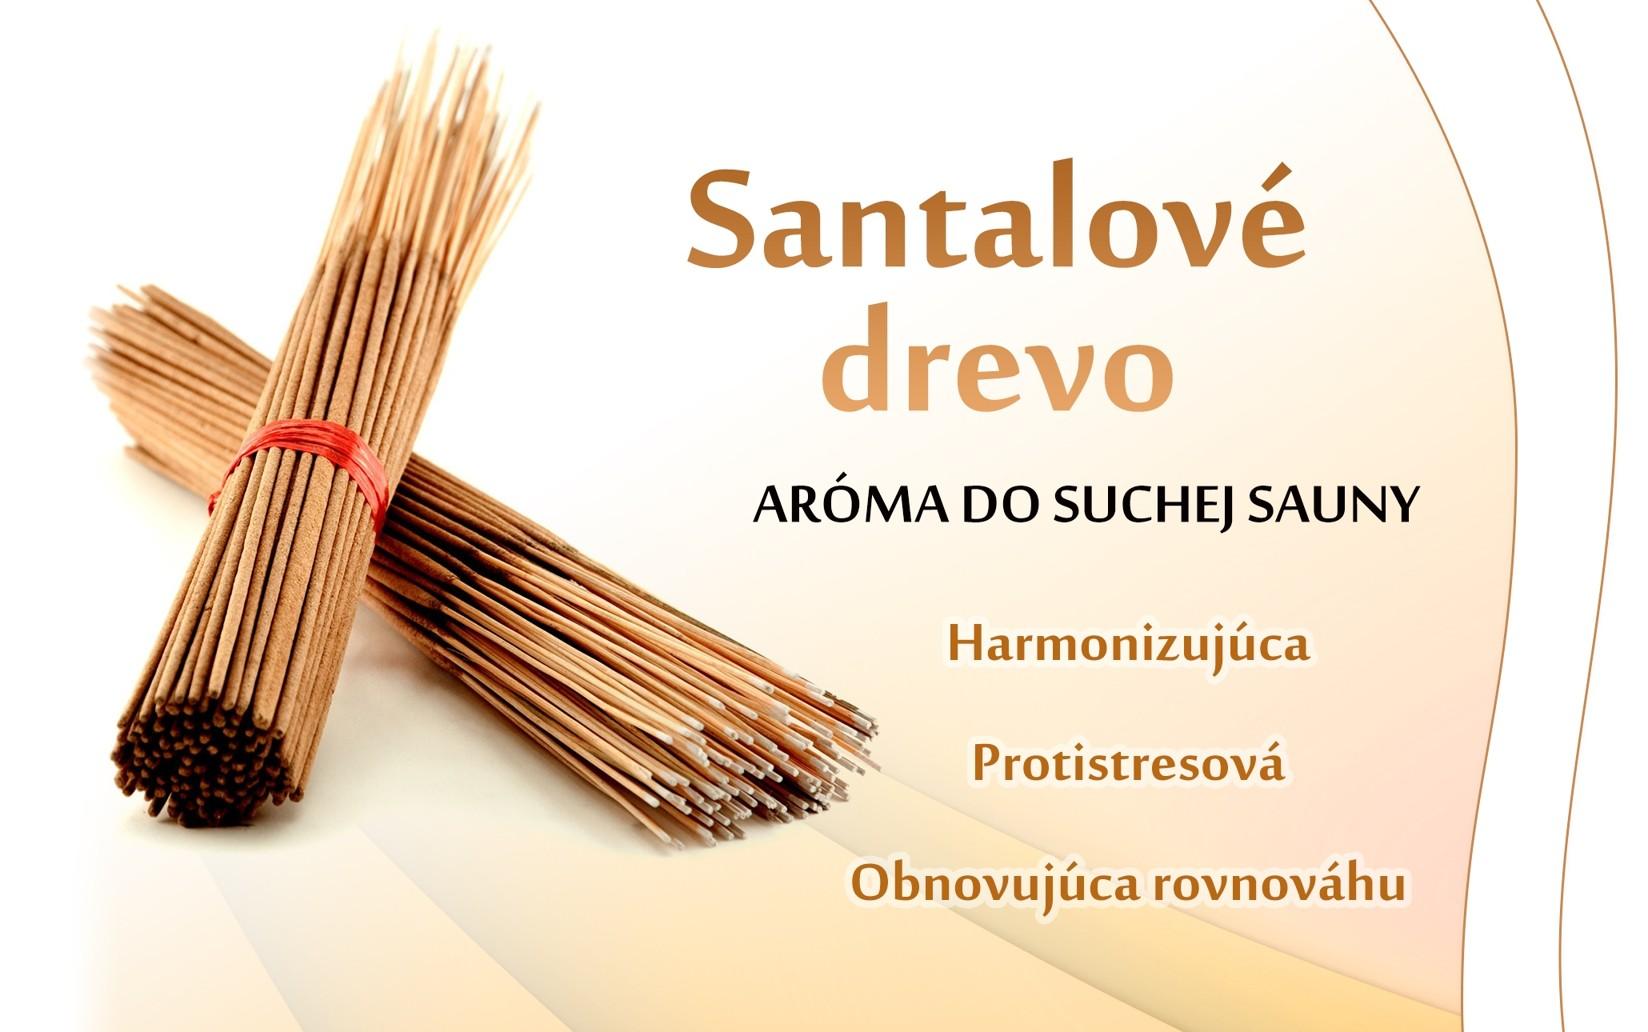 Santalové drevo - suchá sauna